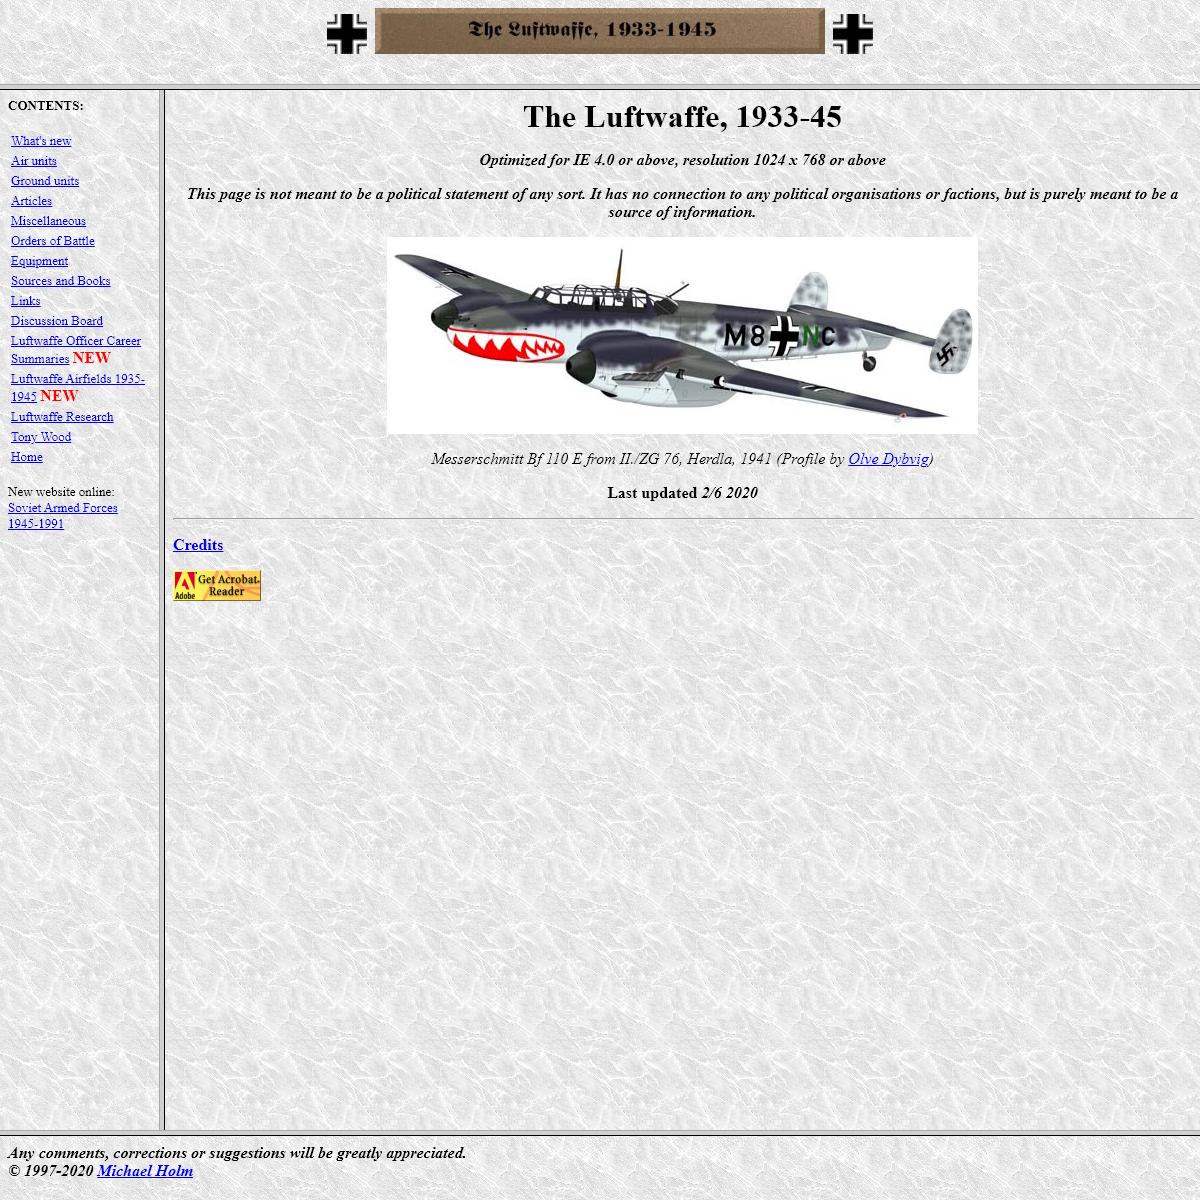 The Luftwaffe, 1933-45